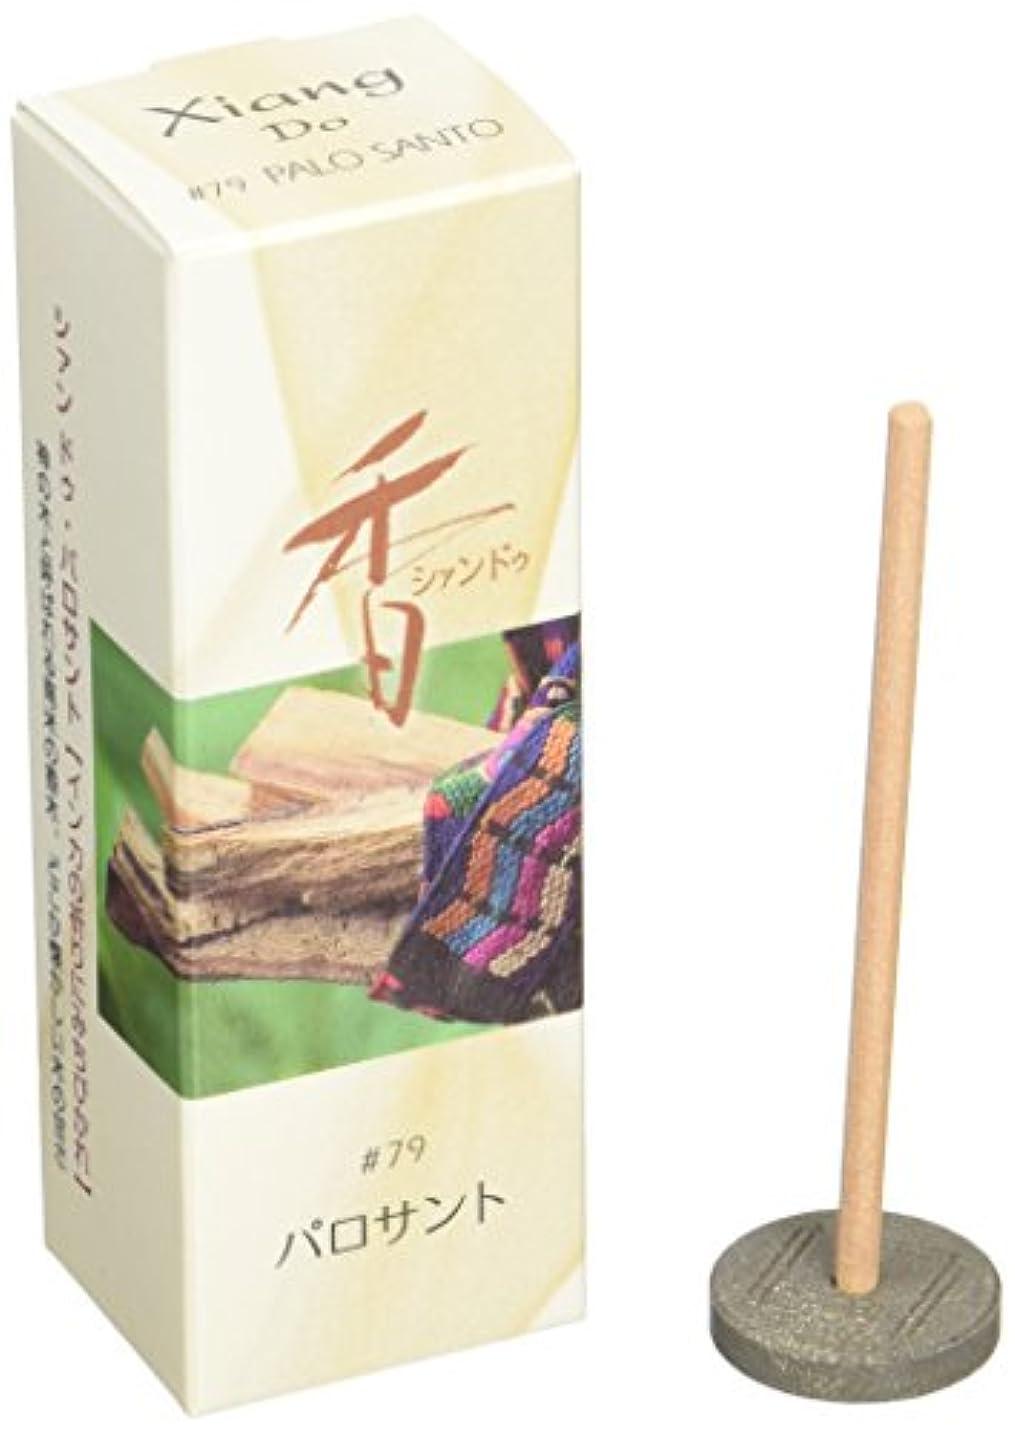 根絶するブラザー時折松栄堂のお香 Xiang Do パロサント ST20本入 簡易香立付 #214279